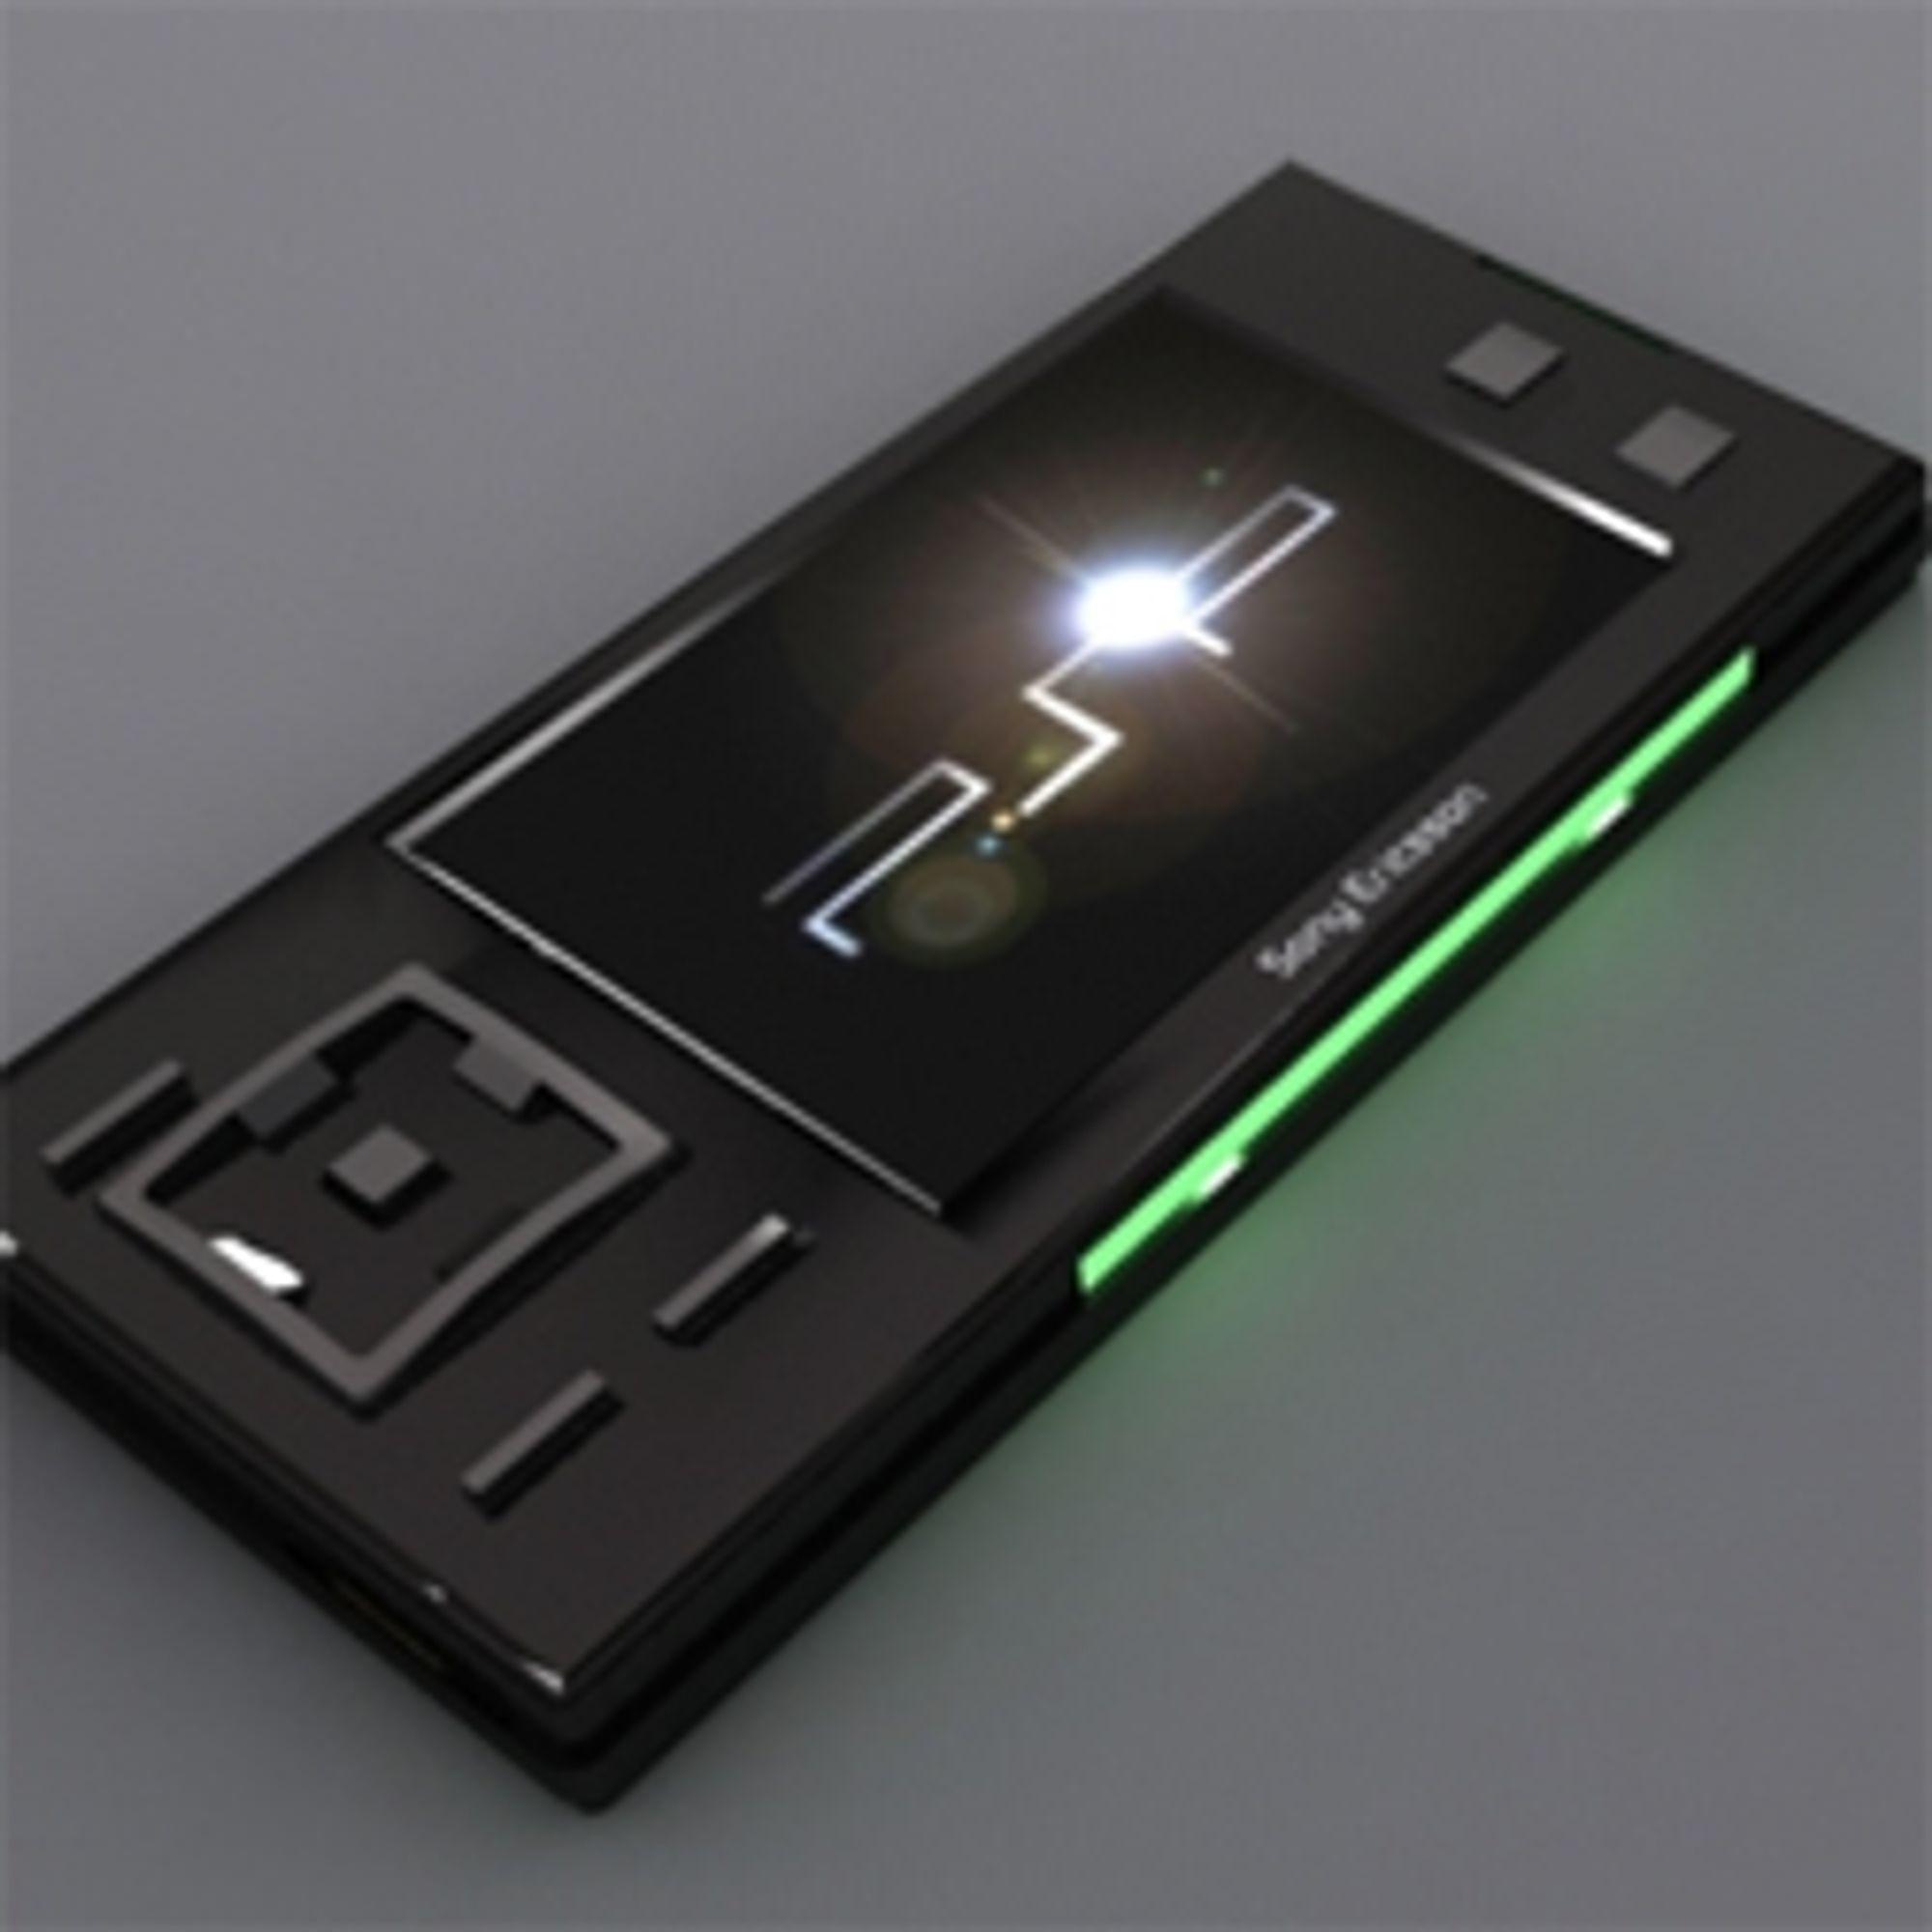 Rykter om en PSP-mobil har gått i lang tid.